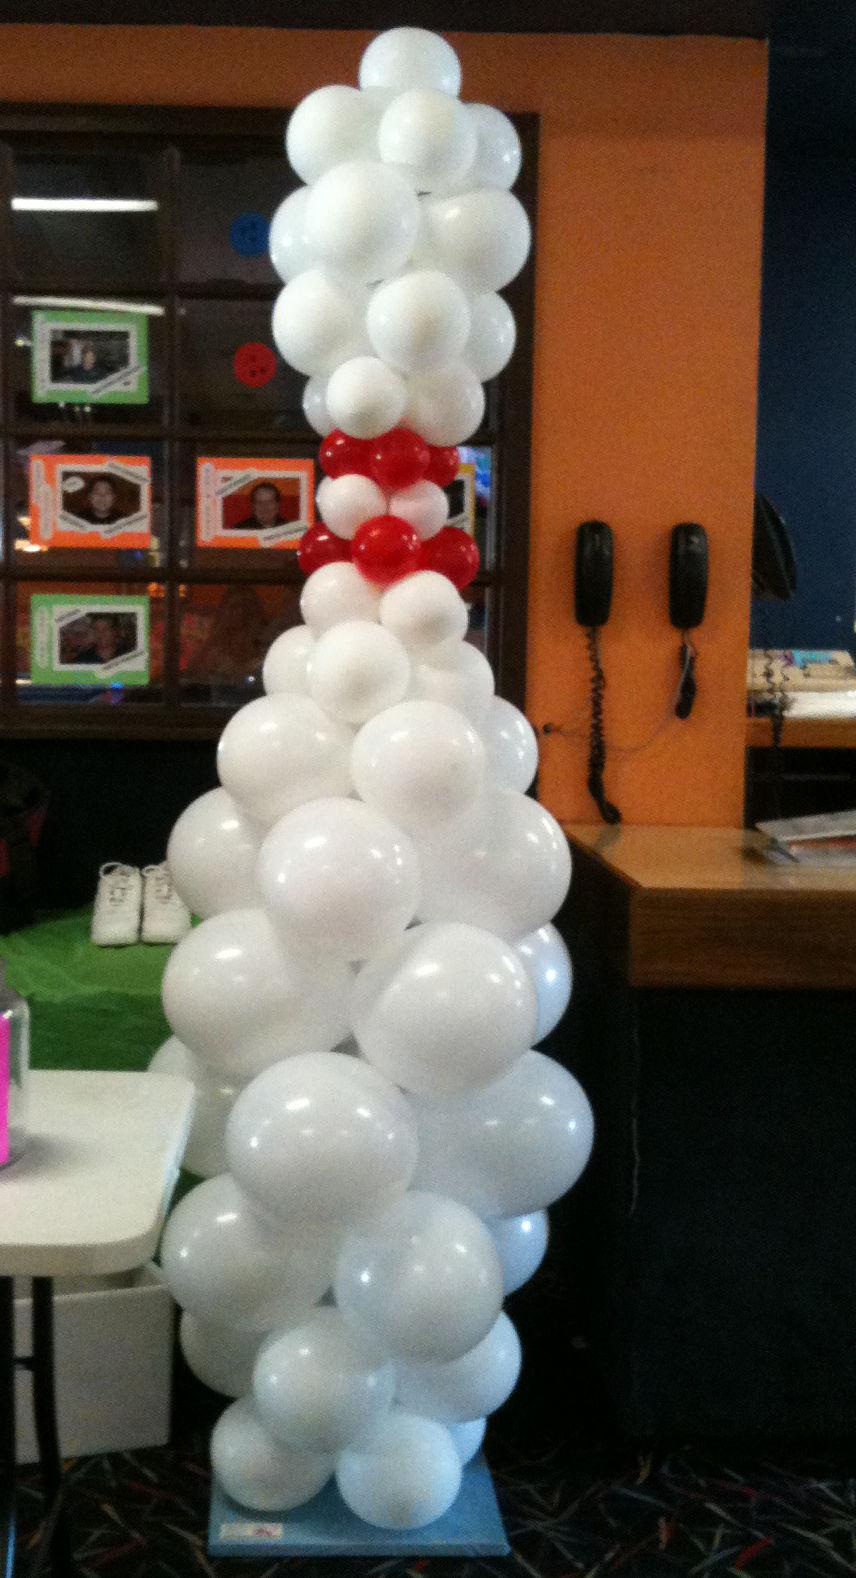 Bowling pin balloons - 8 Ft Bowling Pin